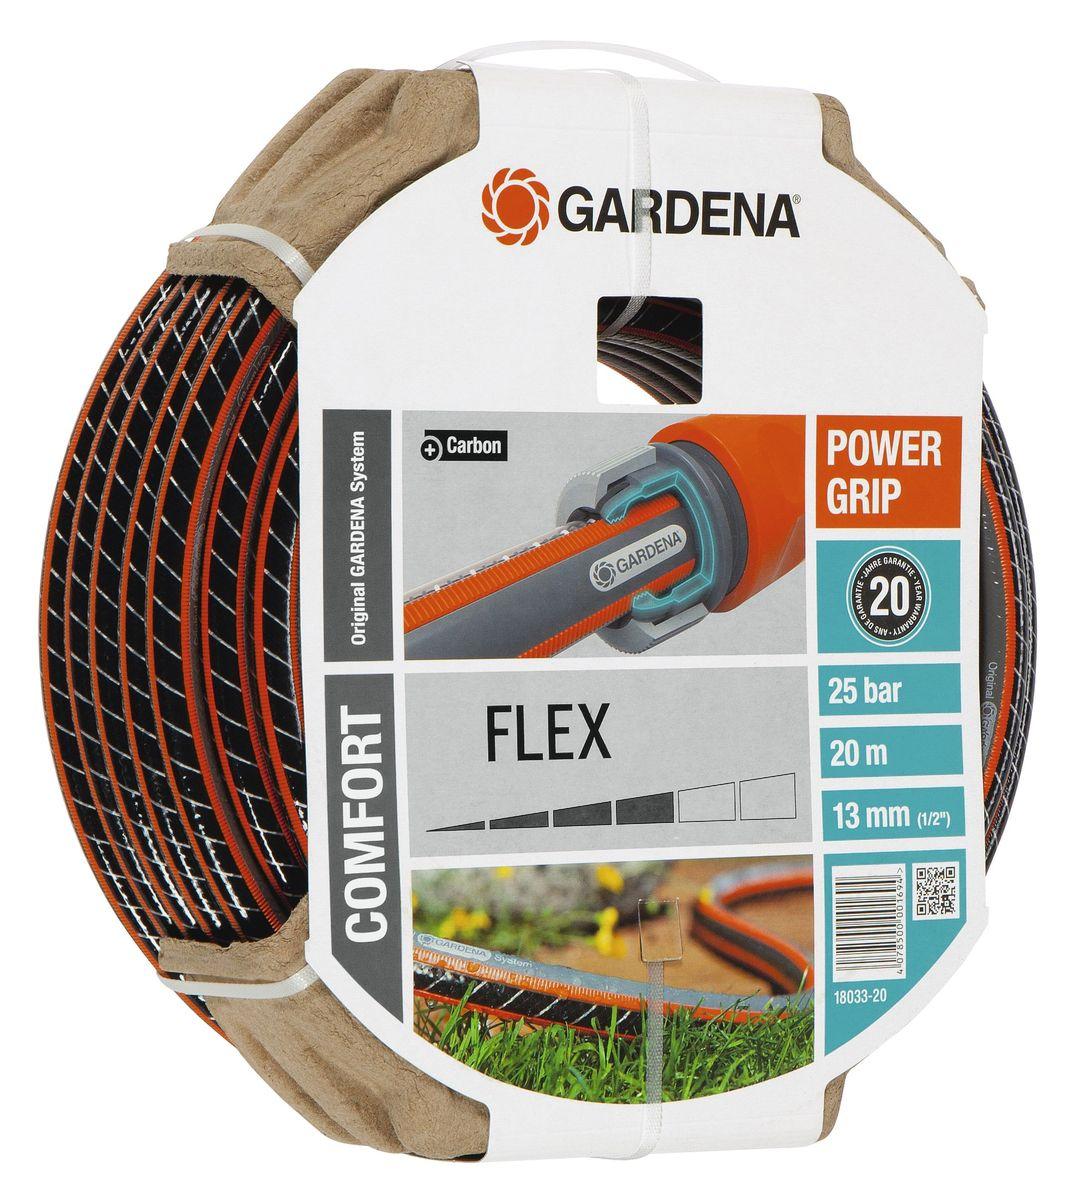 Шланг Flex 9x9 1/2 х 20 м Gardena18033-20.000.00С ребристым профилем Power Grip для идеального соединения с коннекторами Базовой системы полива. Устойчивость к высокому давлению и сохранение формы благодаря спиралевидному текстильному армированию, усиленному углеродом. Не перегибается, не спутывается.